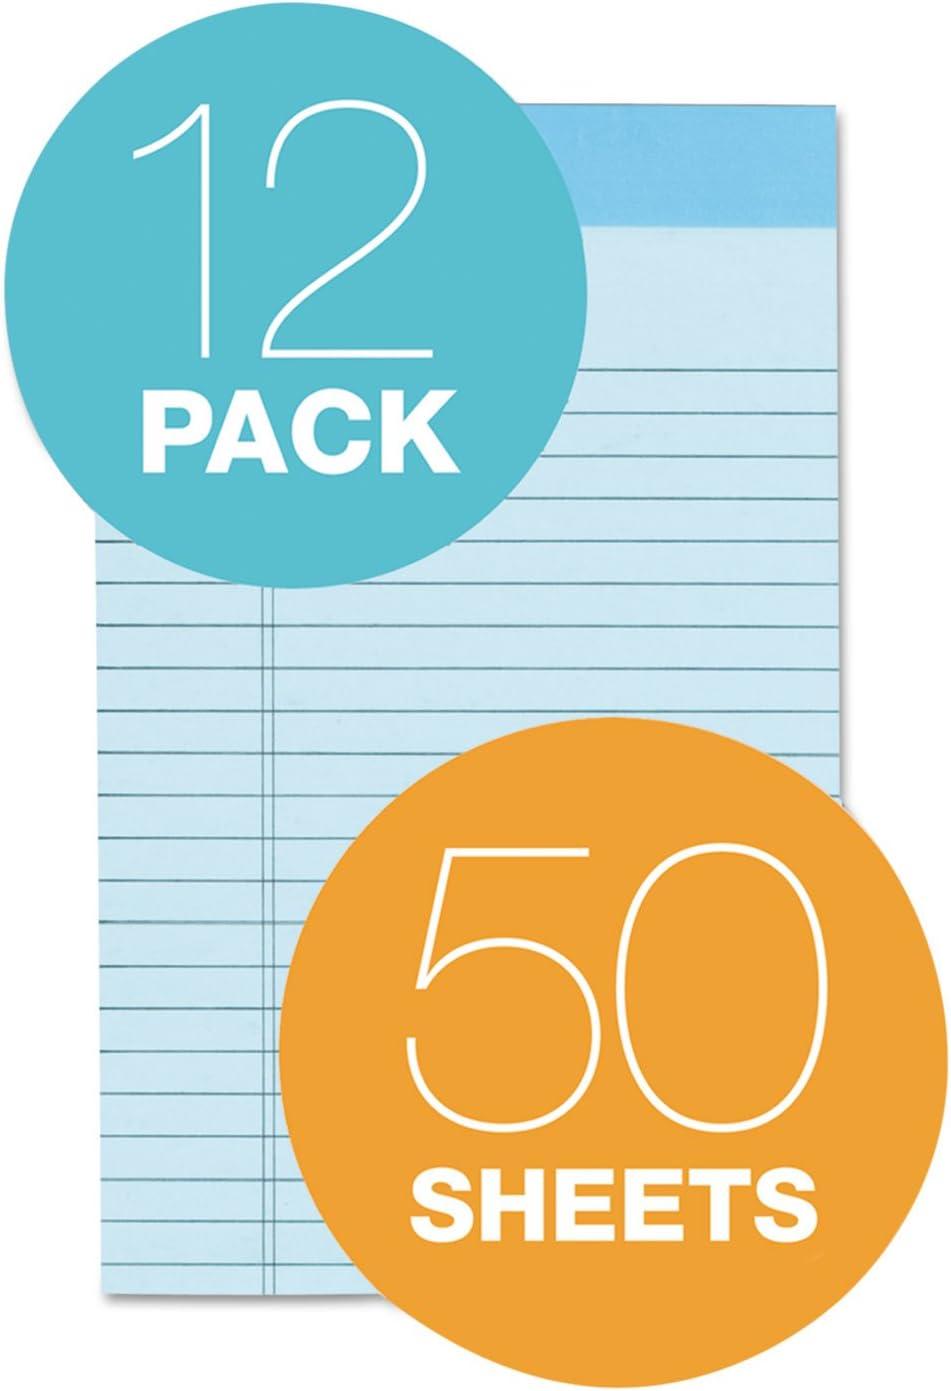 TOPS 63020 Prism Plus Colored Legal Pads Blue 50 Sheets 5 x 8 Dozen